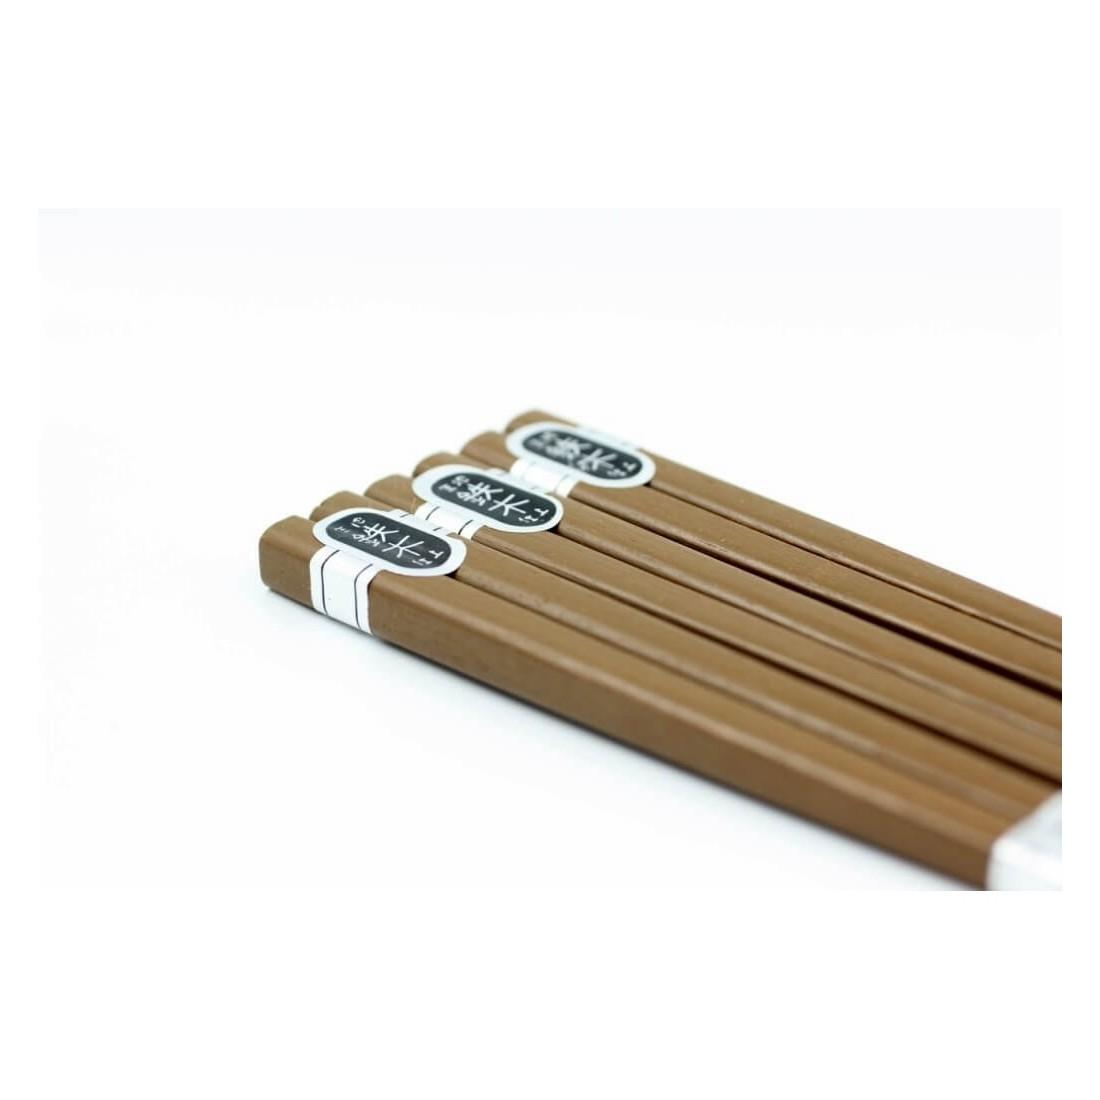 Set 3 đôi đũa gỗ 22,5cm (loại dày)-Thế giới đồ gia dụng HMD